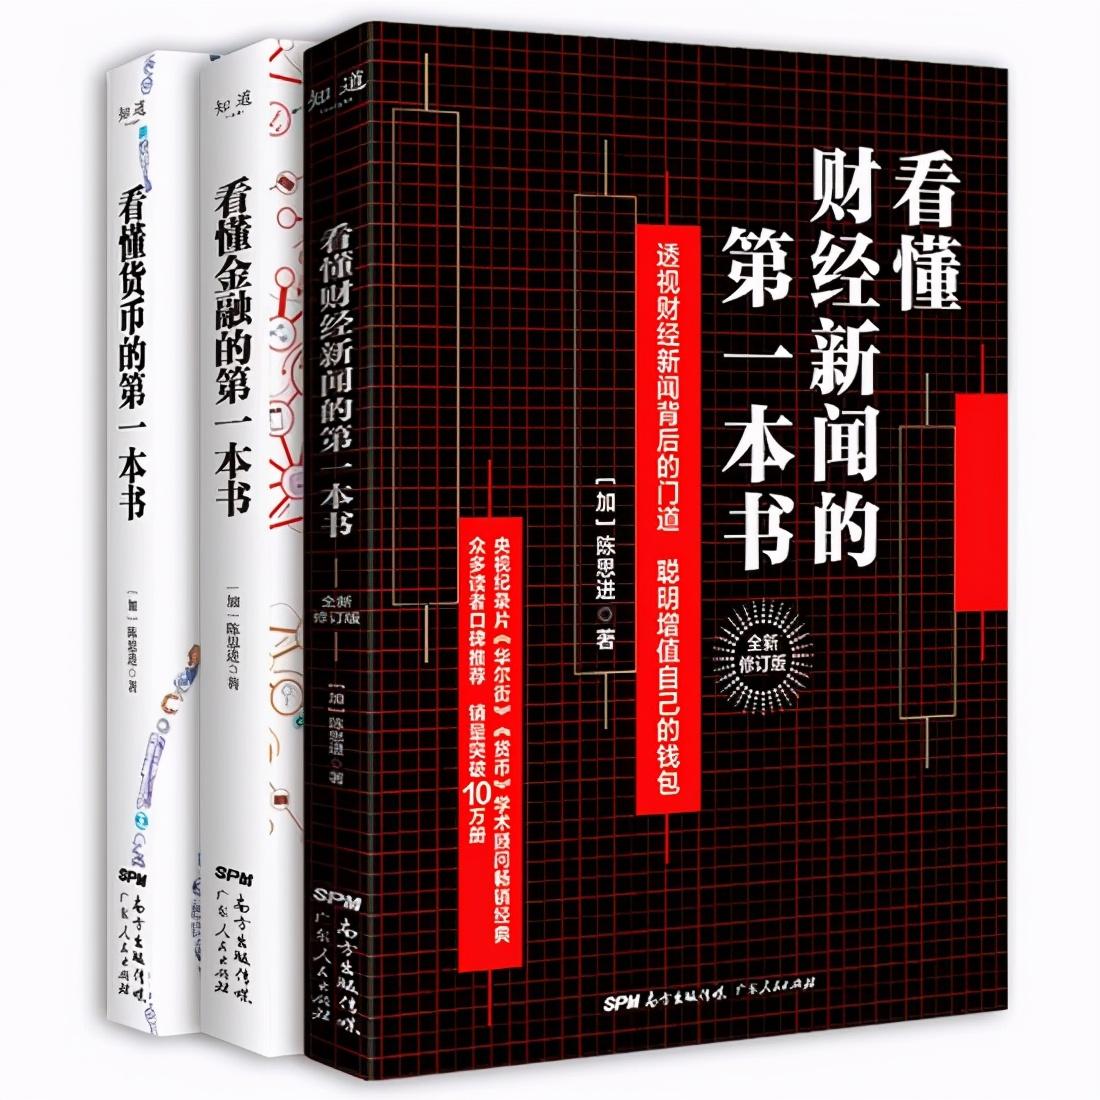 《看懂财经新闻的第一本书(全新修订版)》经典读后感有感(三)